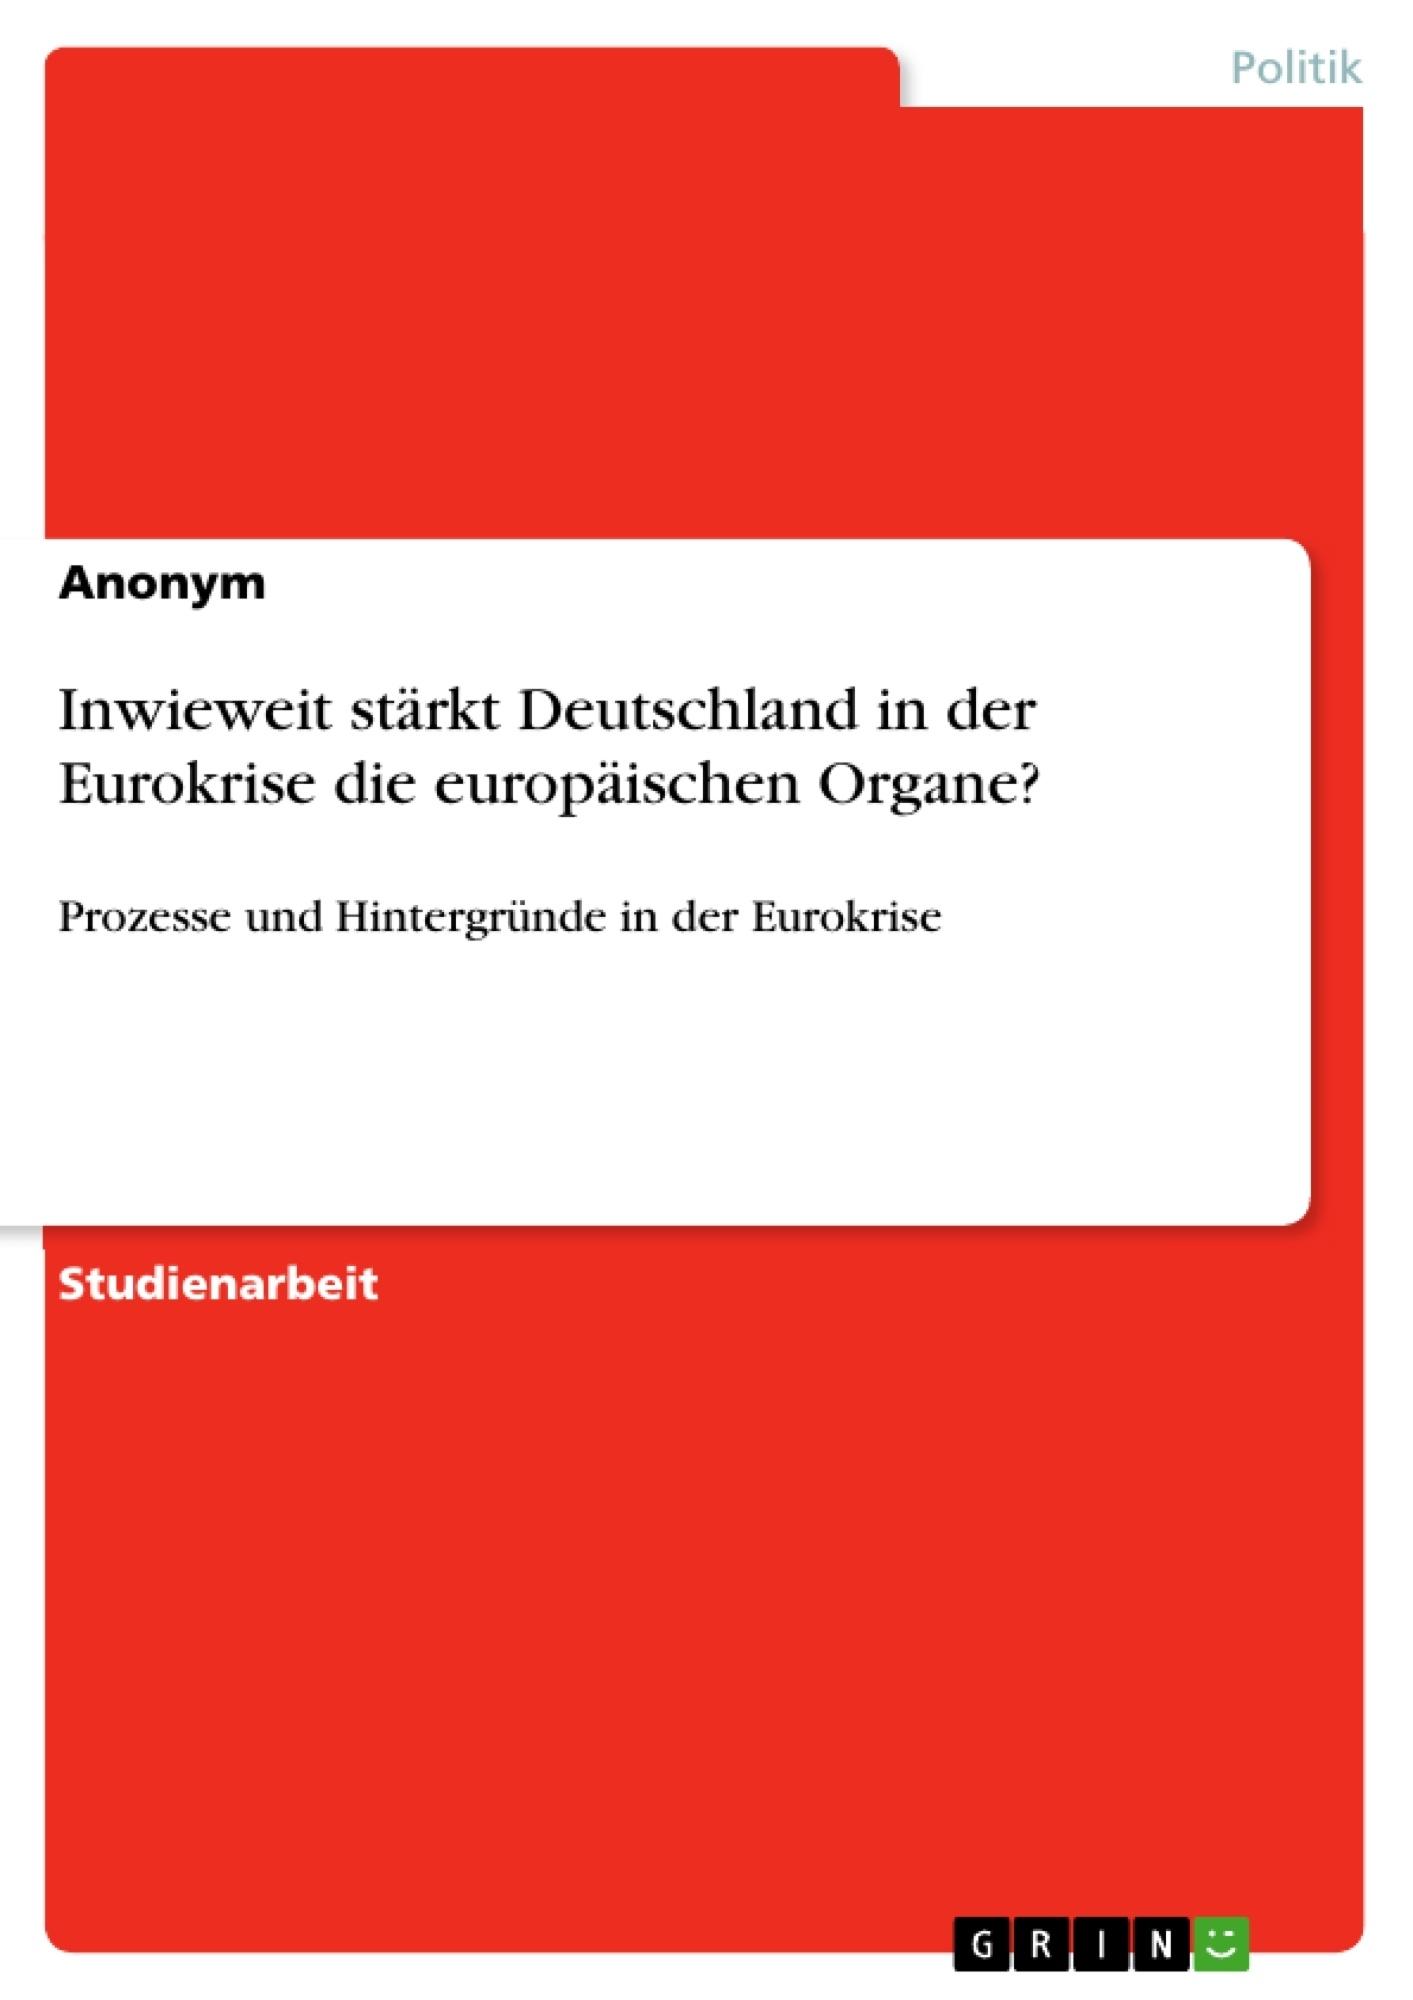 Titel: Inwieweit stärkt Deutschland in der Eurokrise die europäischen Organe?